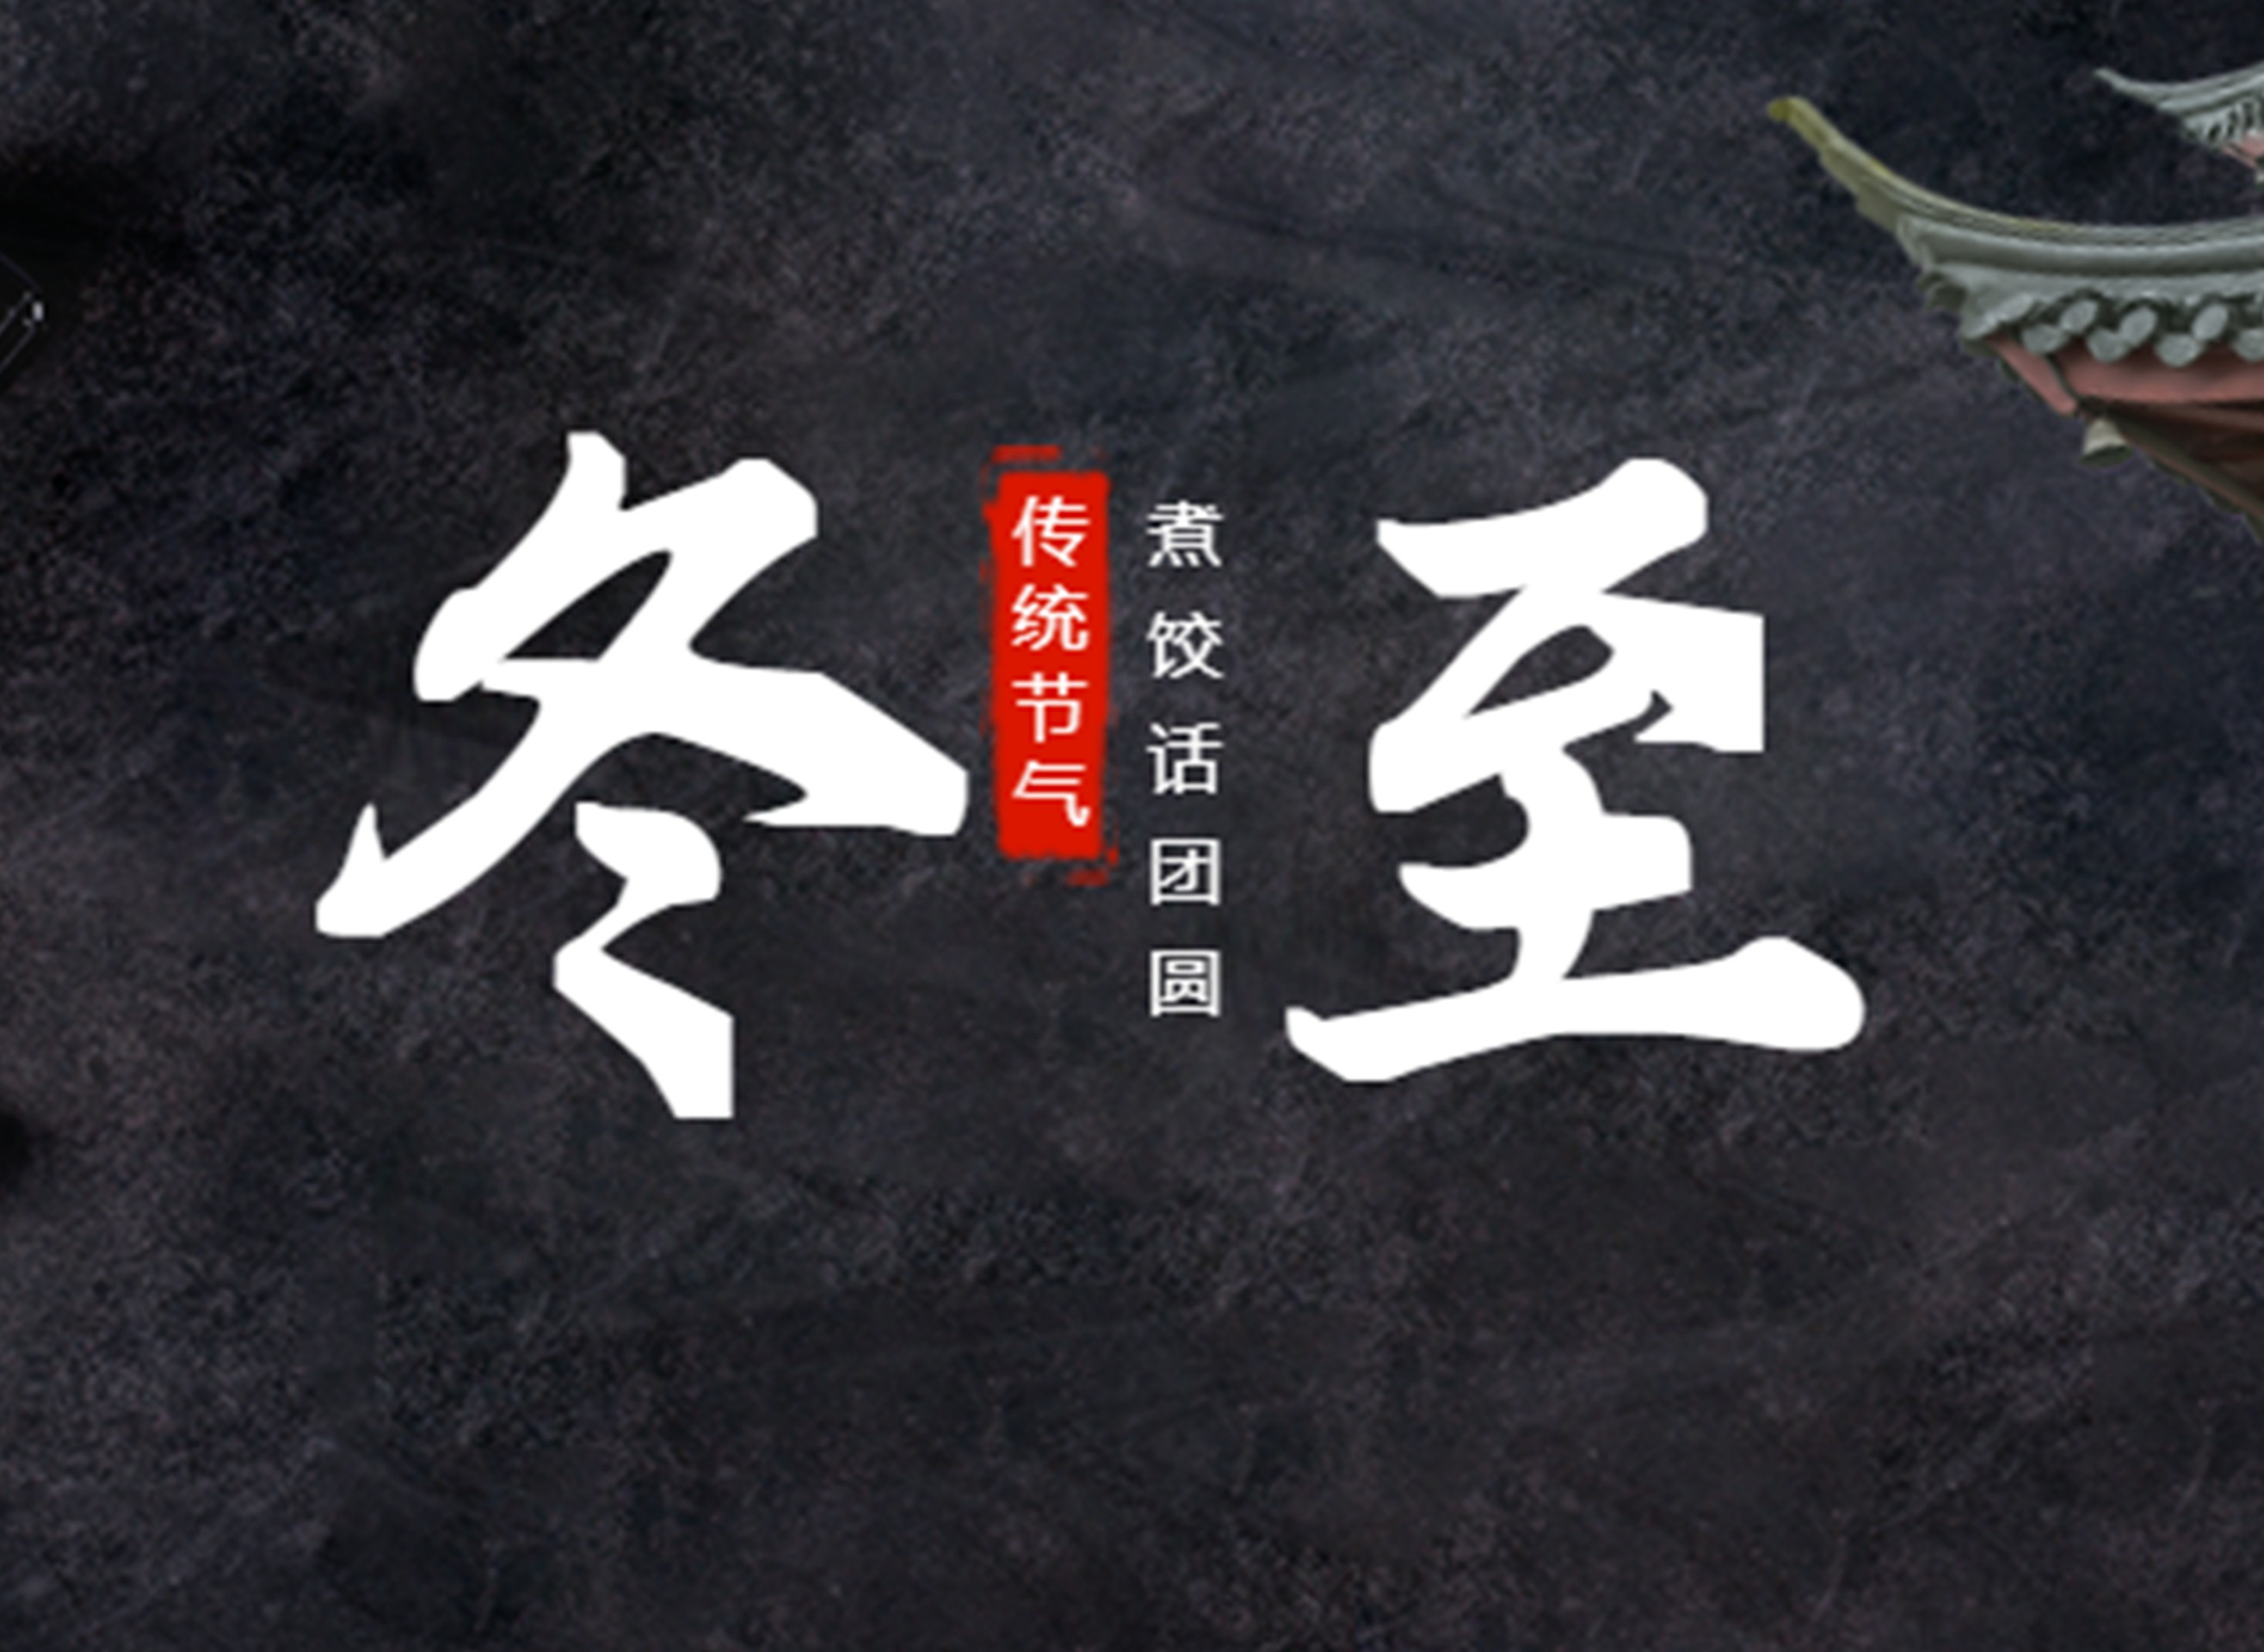 """""""温暖迎冬至,团聚吃饺子""""——CQ9举办冬至吃饺子活动"""